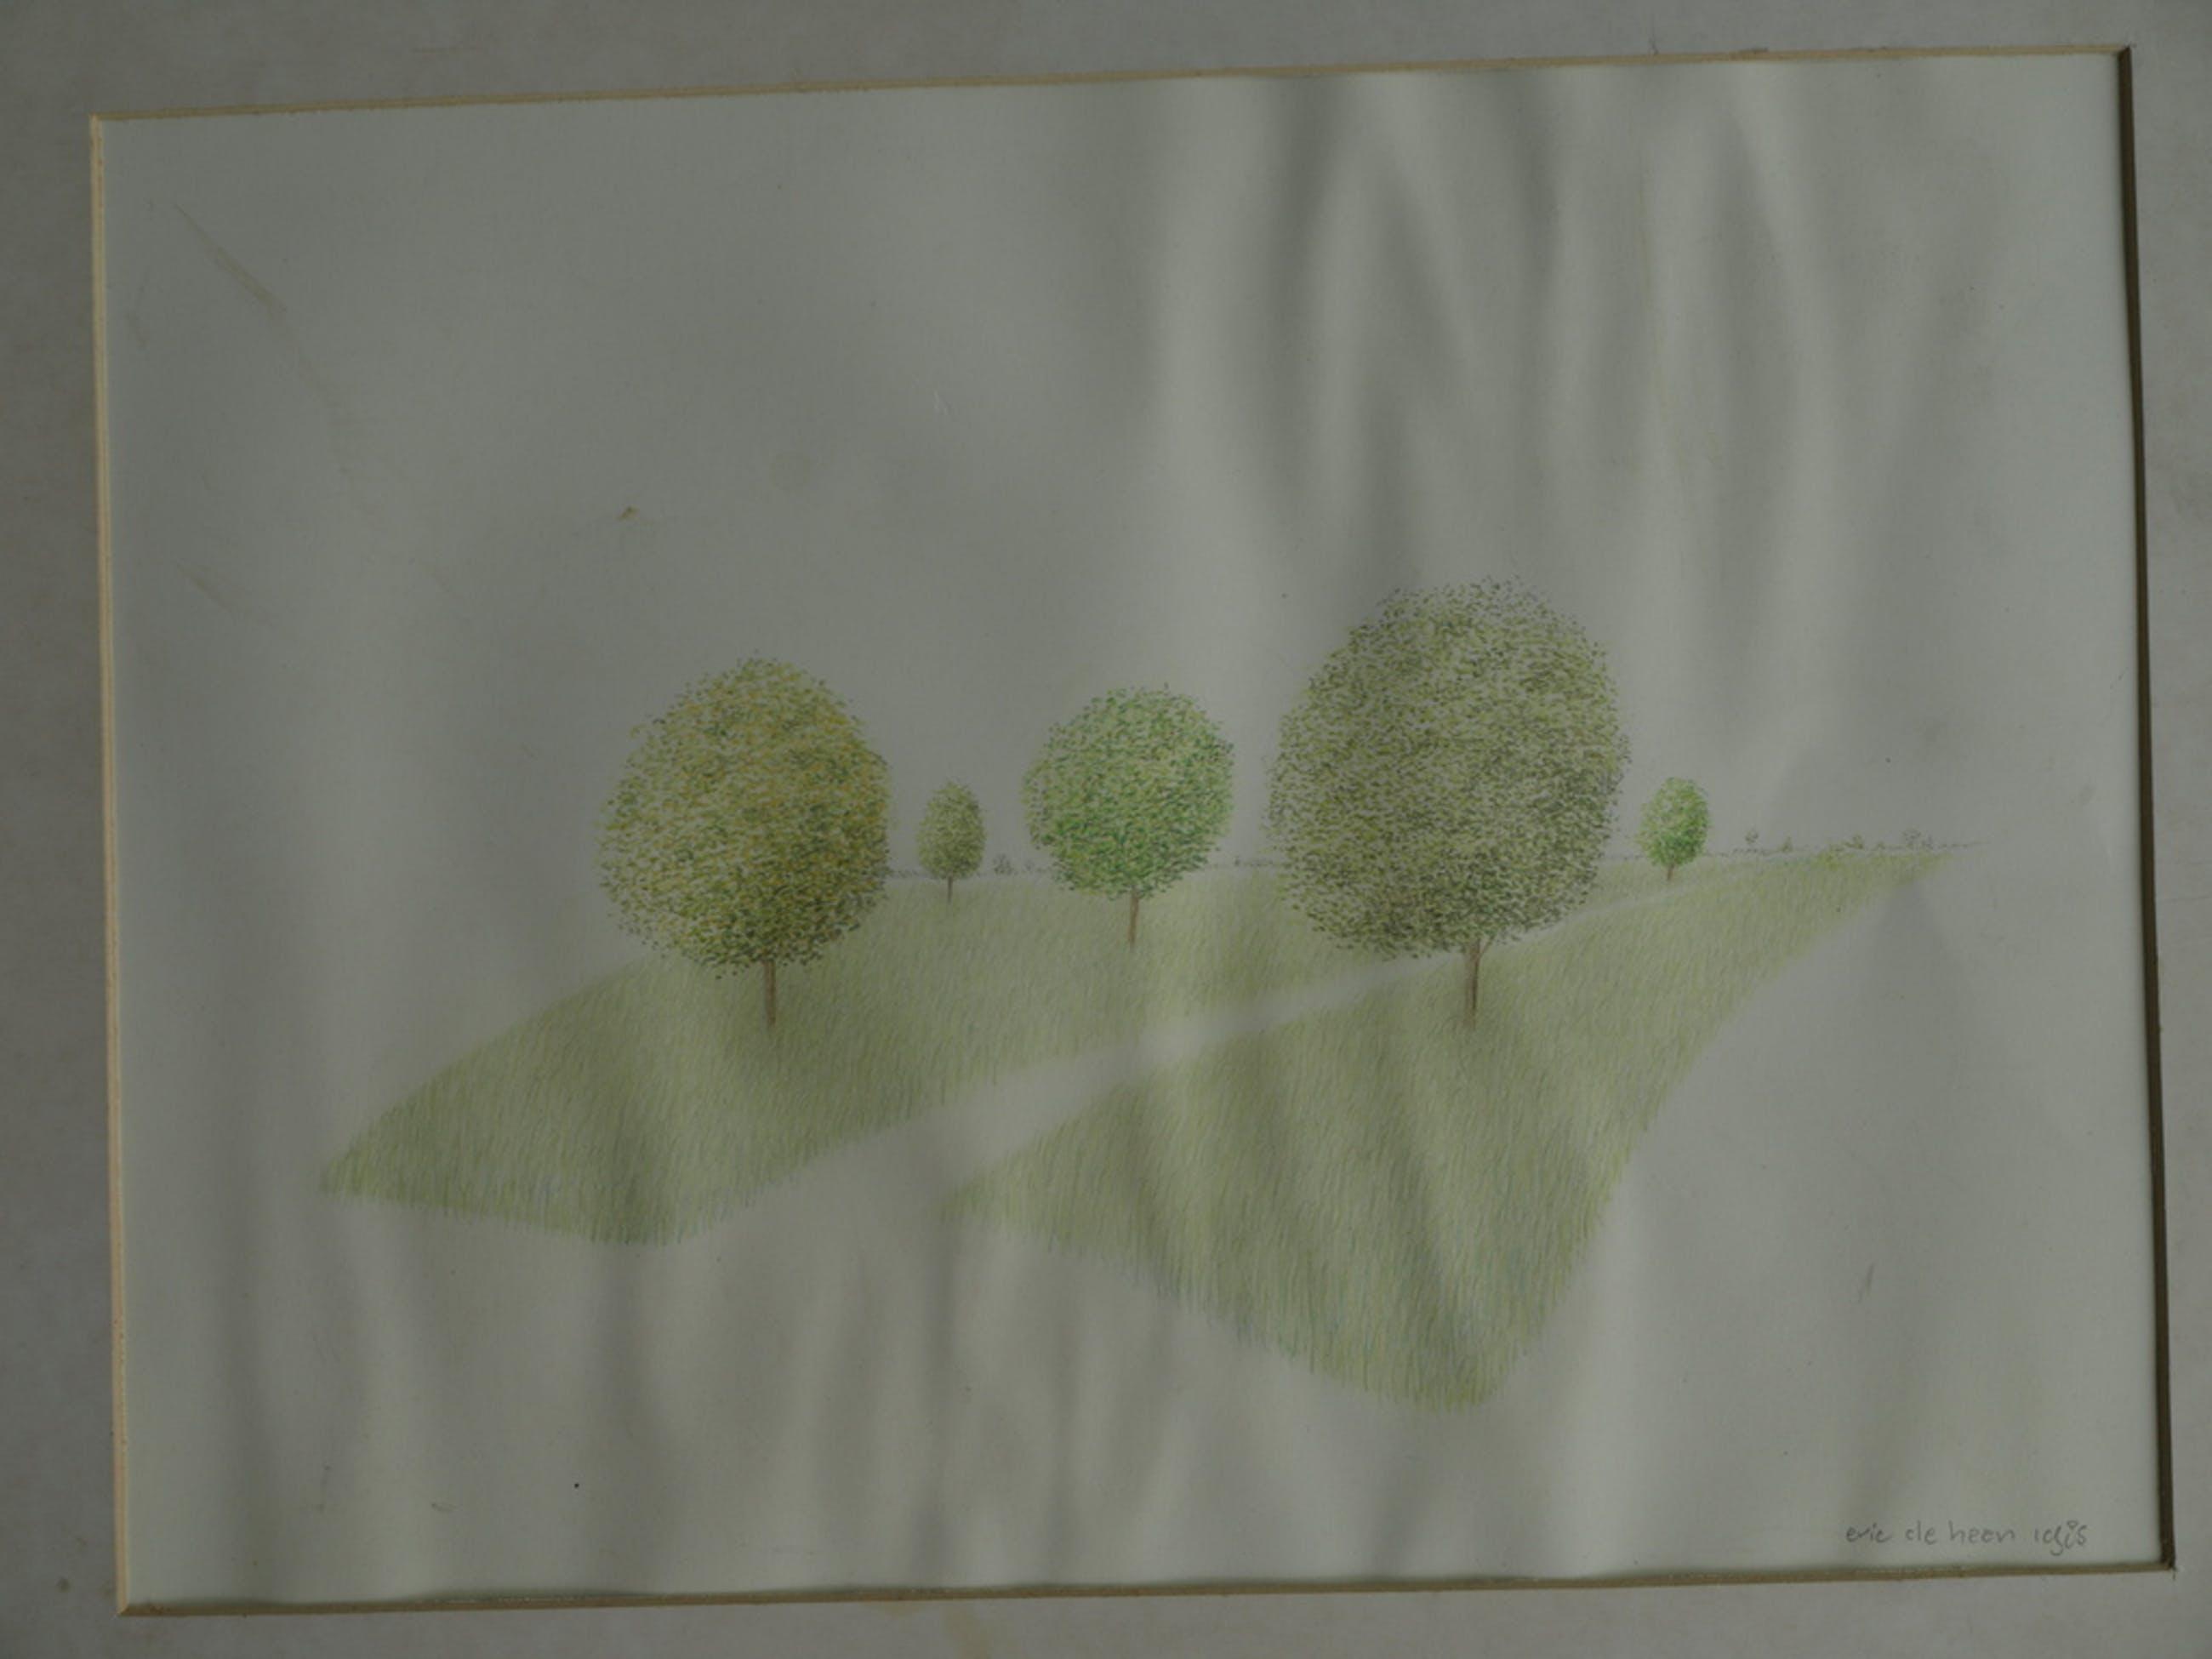 Eric de Haan (1947) – Kleurpotloodtekening  – Landschap – Gesigneerd - 1985 kopen? Bied vanaf 1!